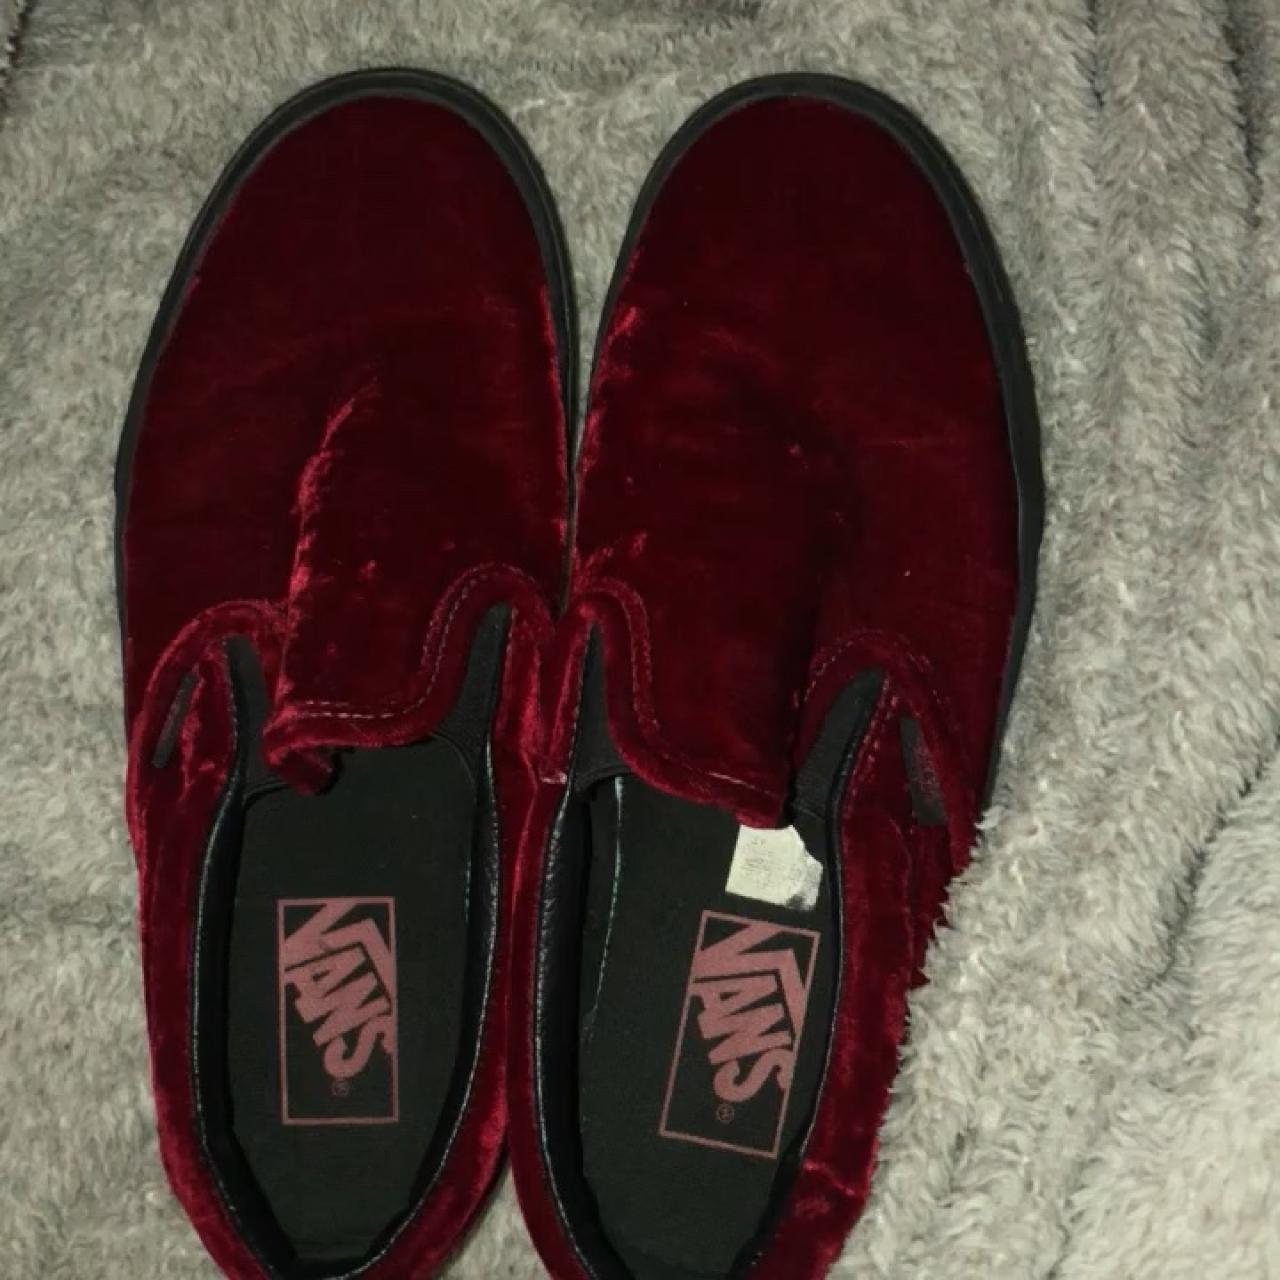 db246878c92 Like brand new! Red velvet vans